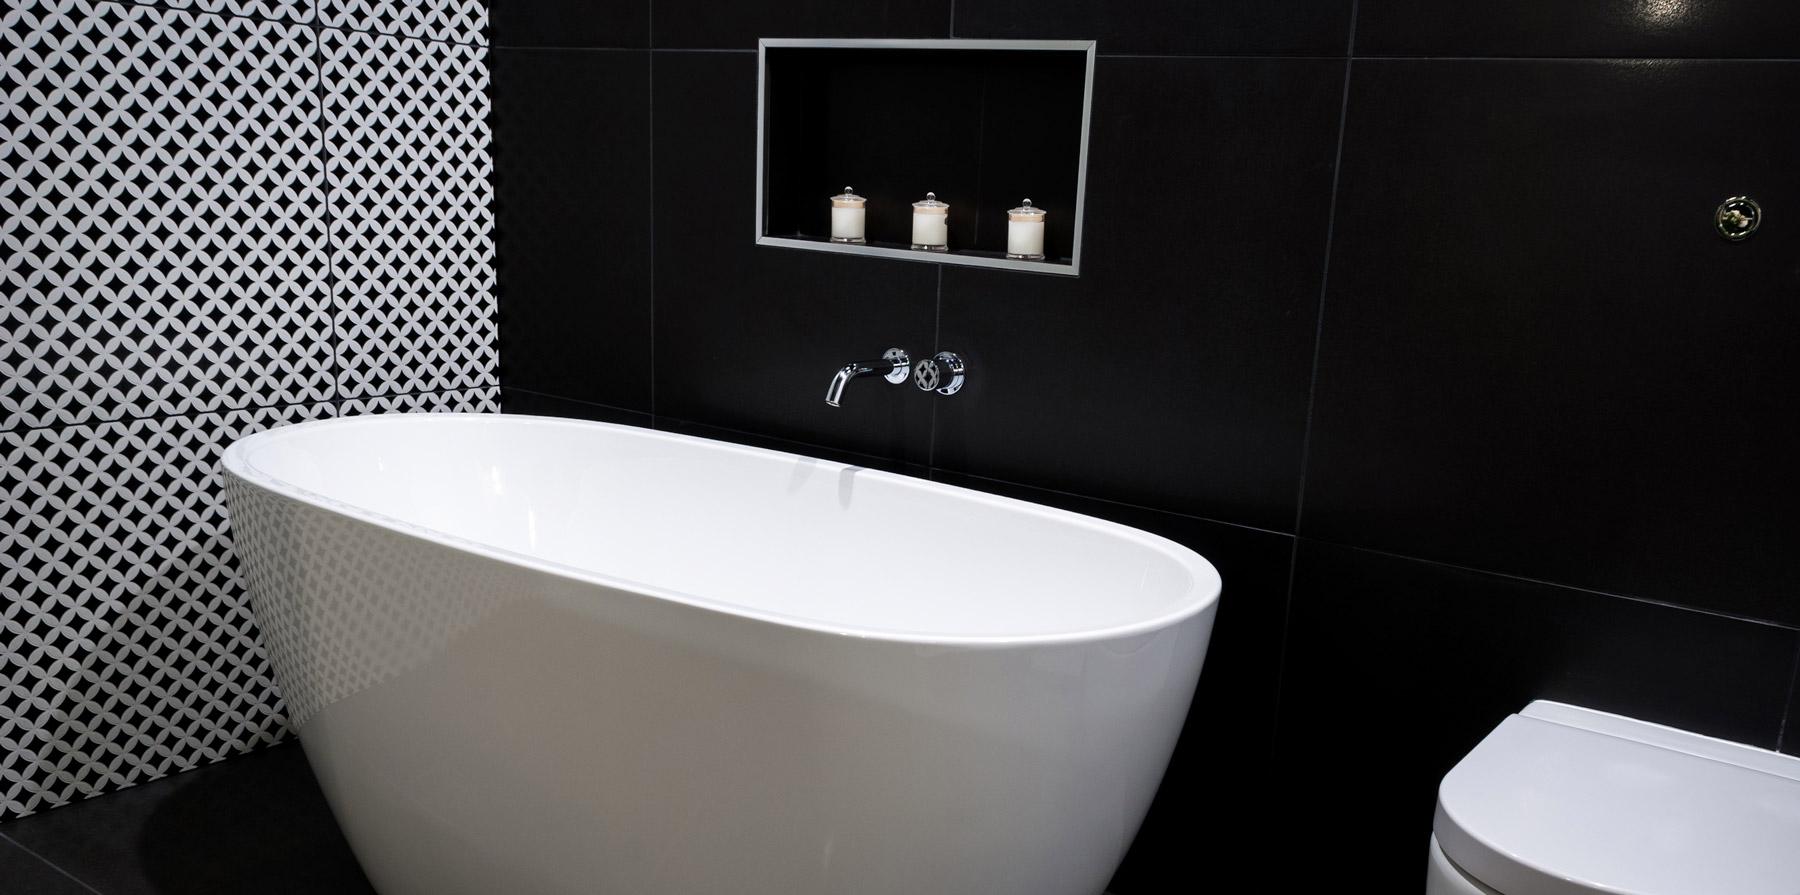 Bathroom Renovations - MK Constructions